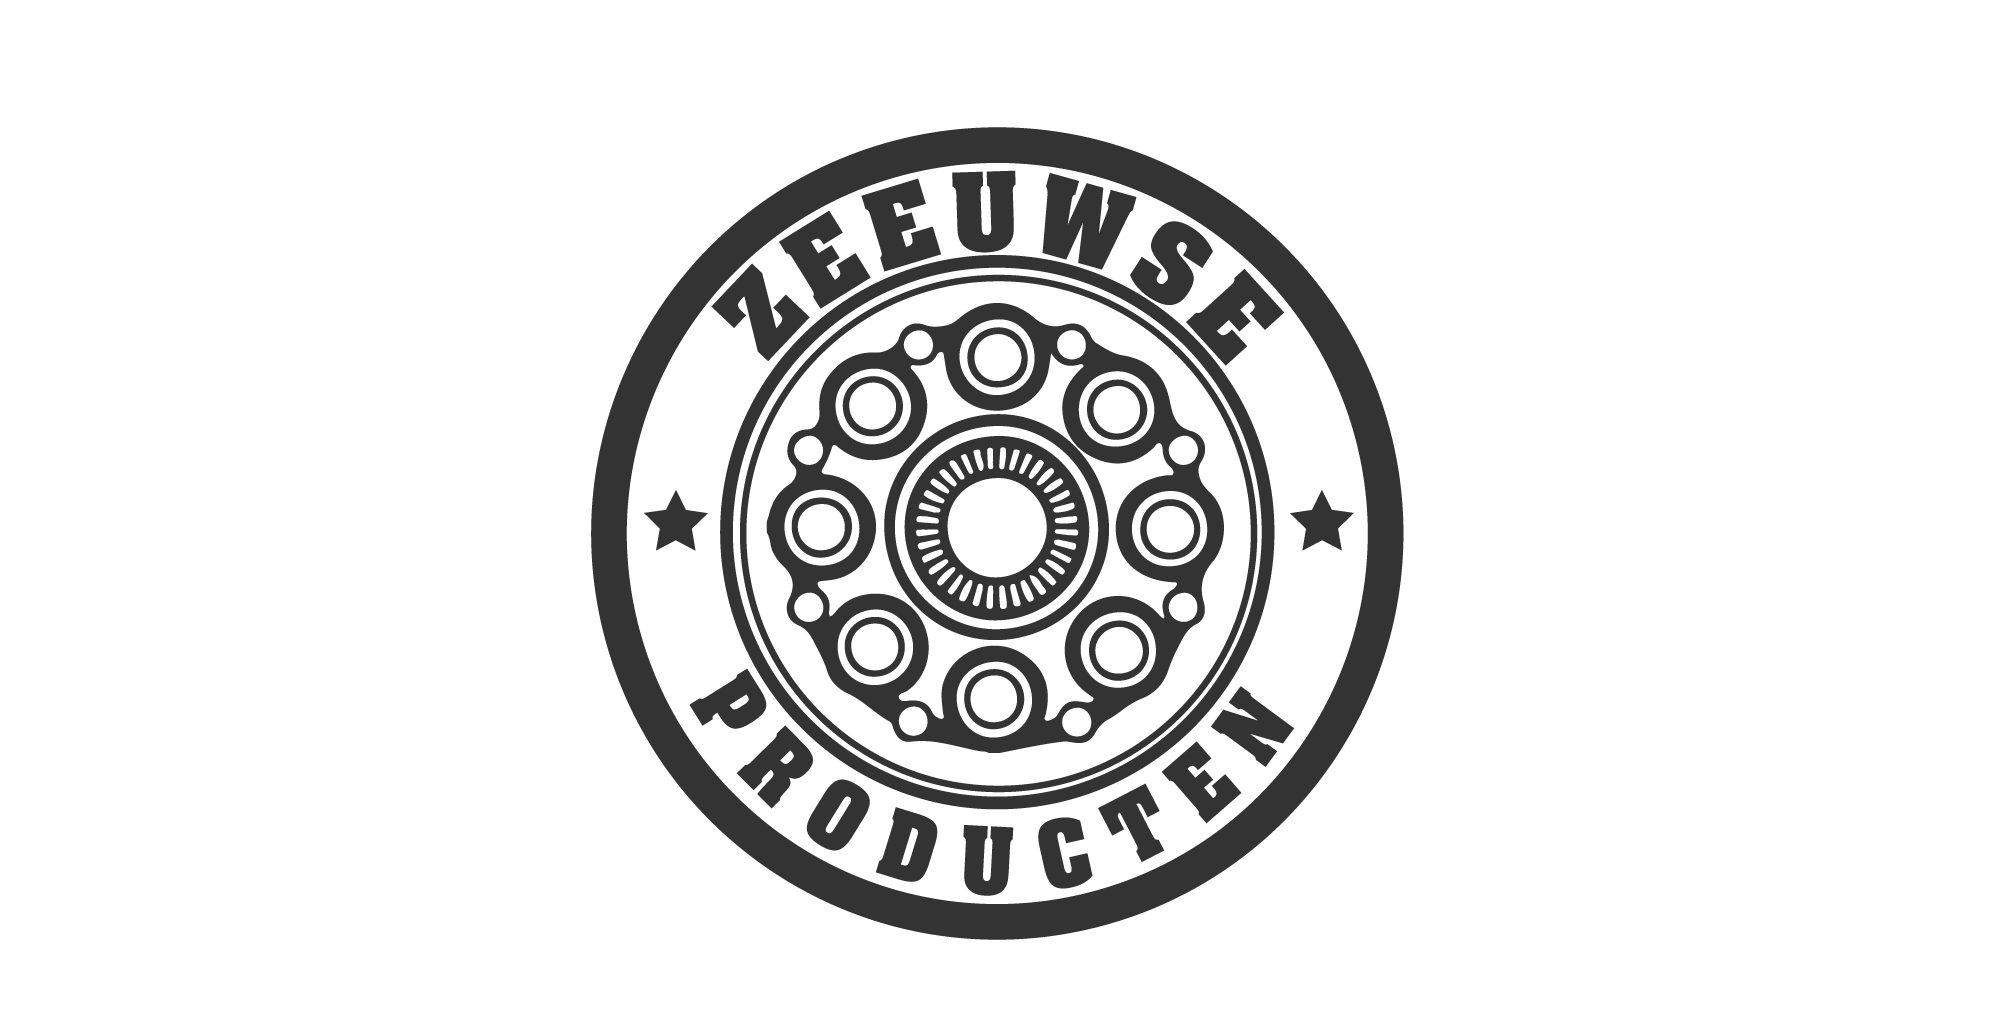 Zeeuwseproducten.com